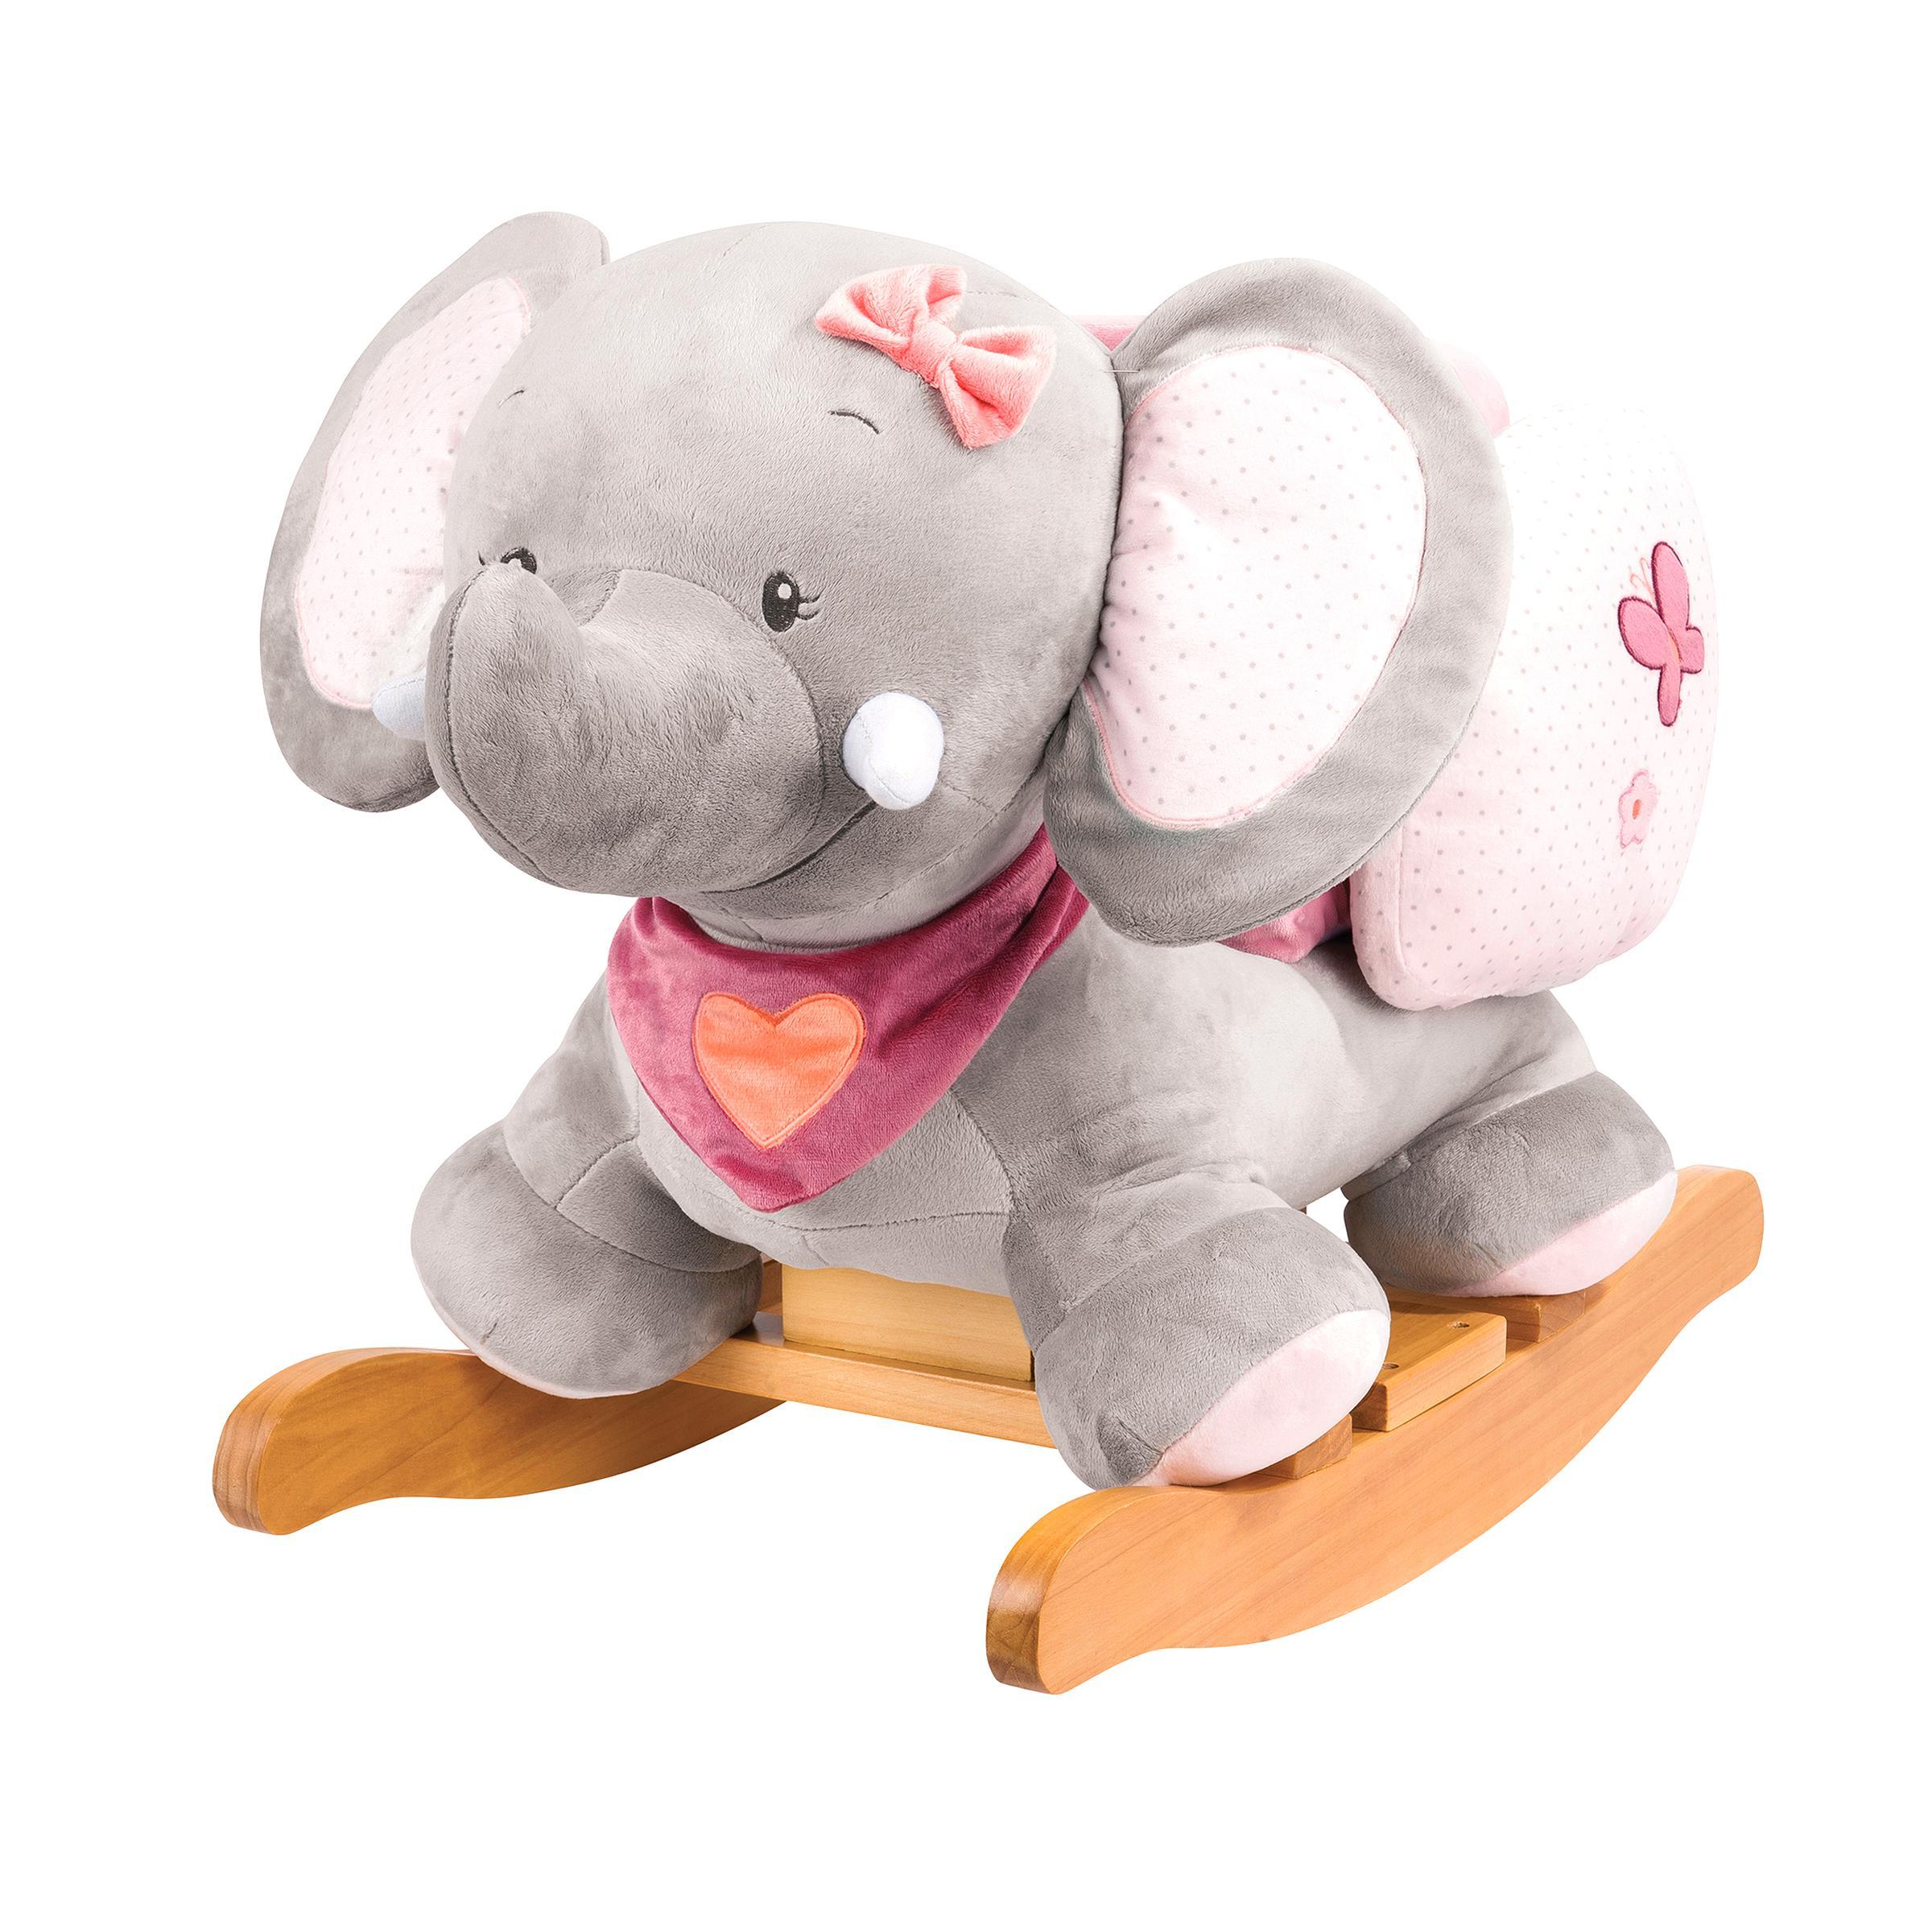 NEUF Doudou plat éléphant Charlotte rose bleu coeur fleurs NATTOU